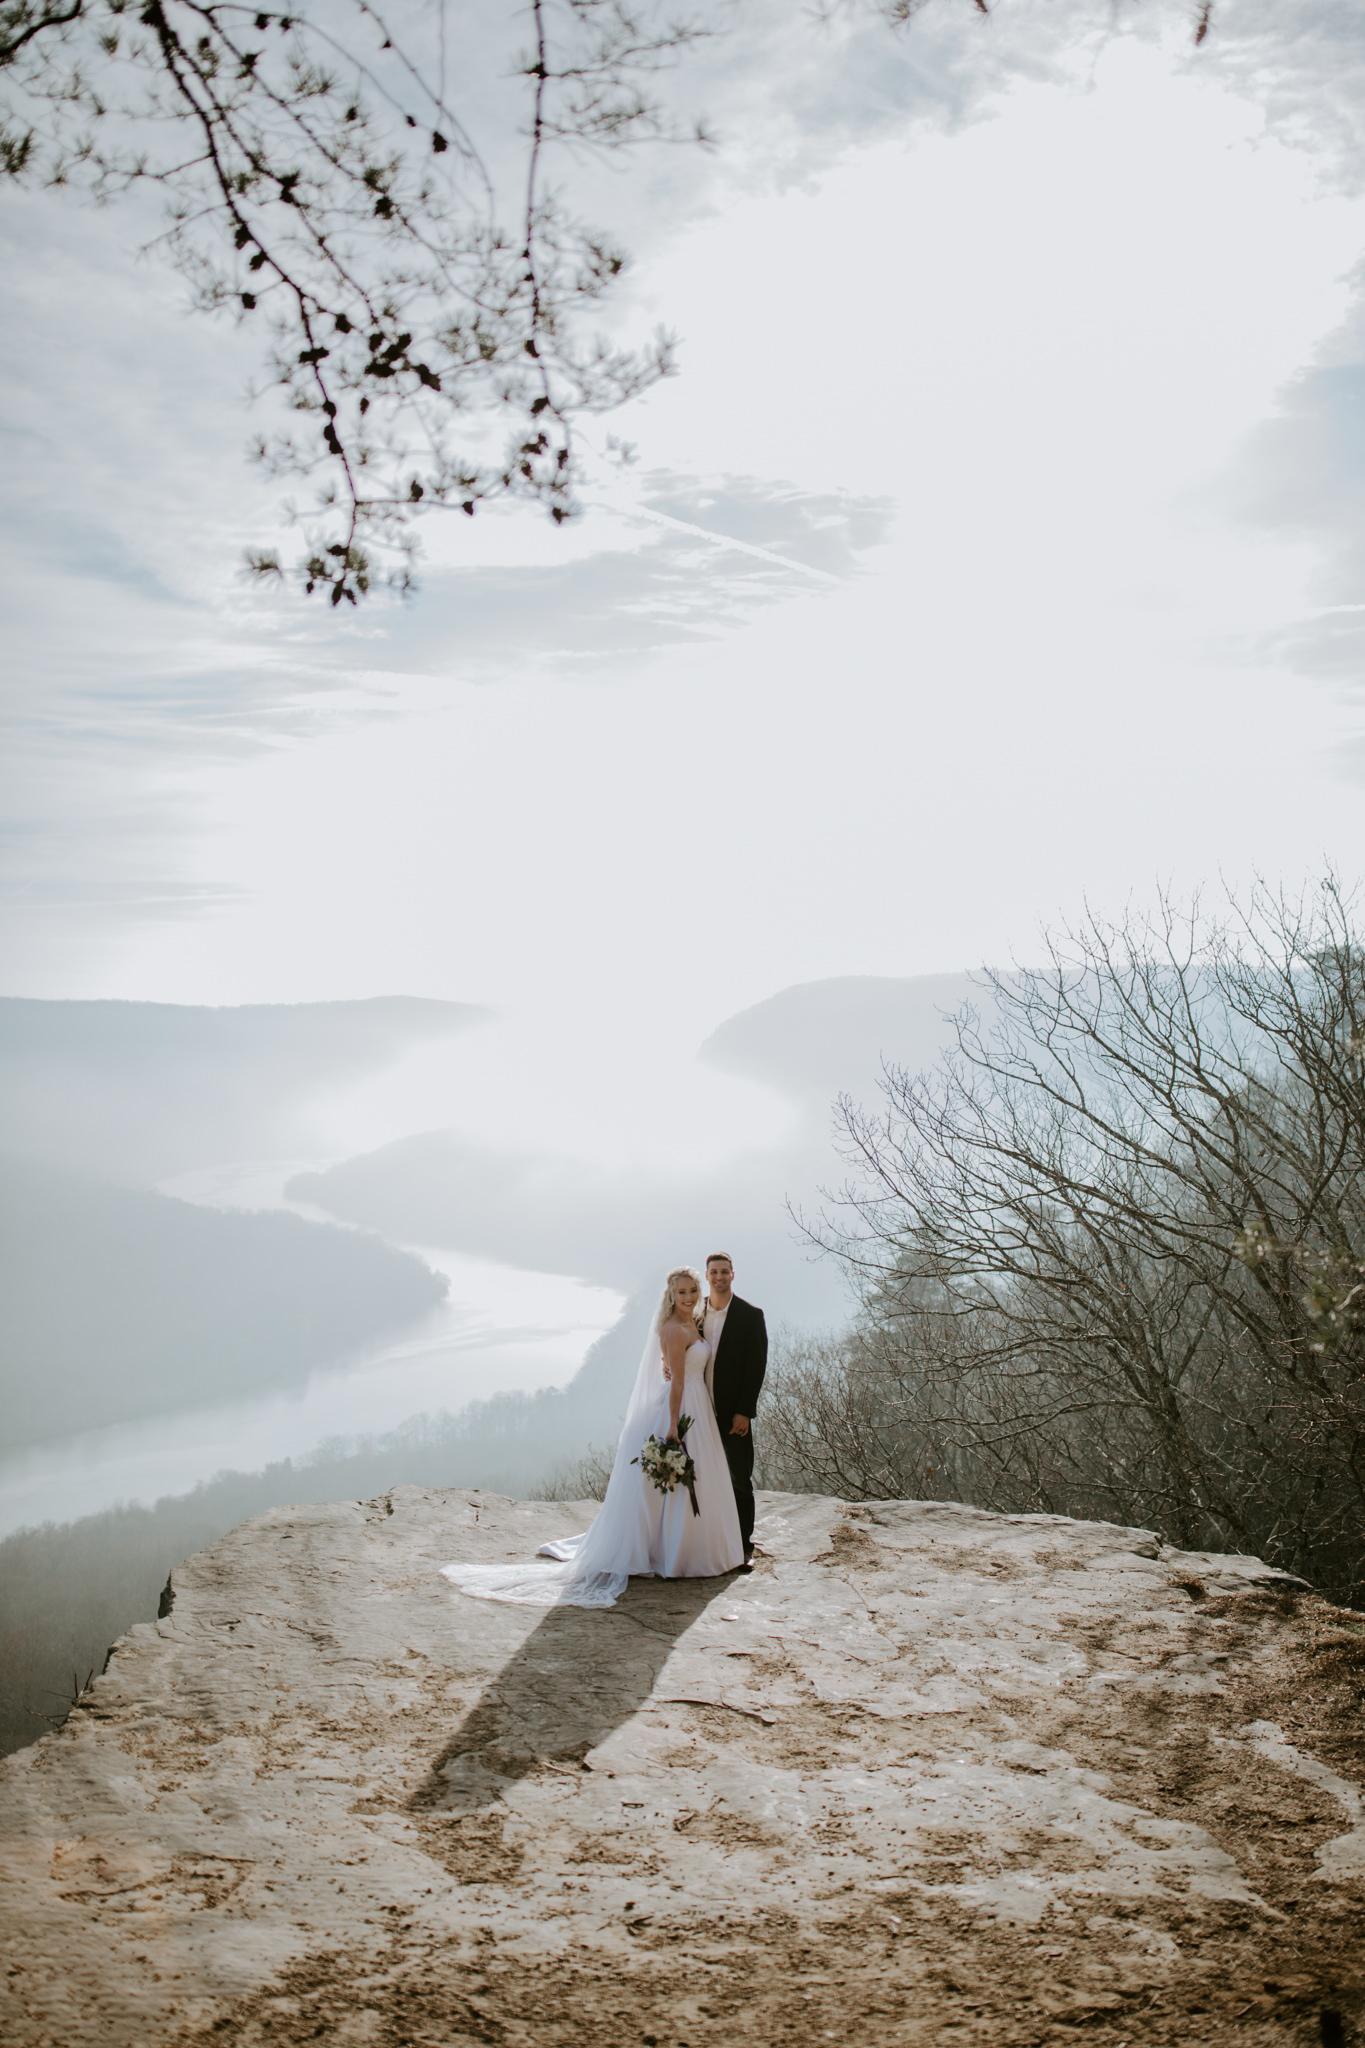 Lauren-and-Trent-Chattanooga-Nashville-Wedding-Elopement-Photographer-5.jpg